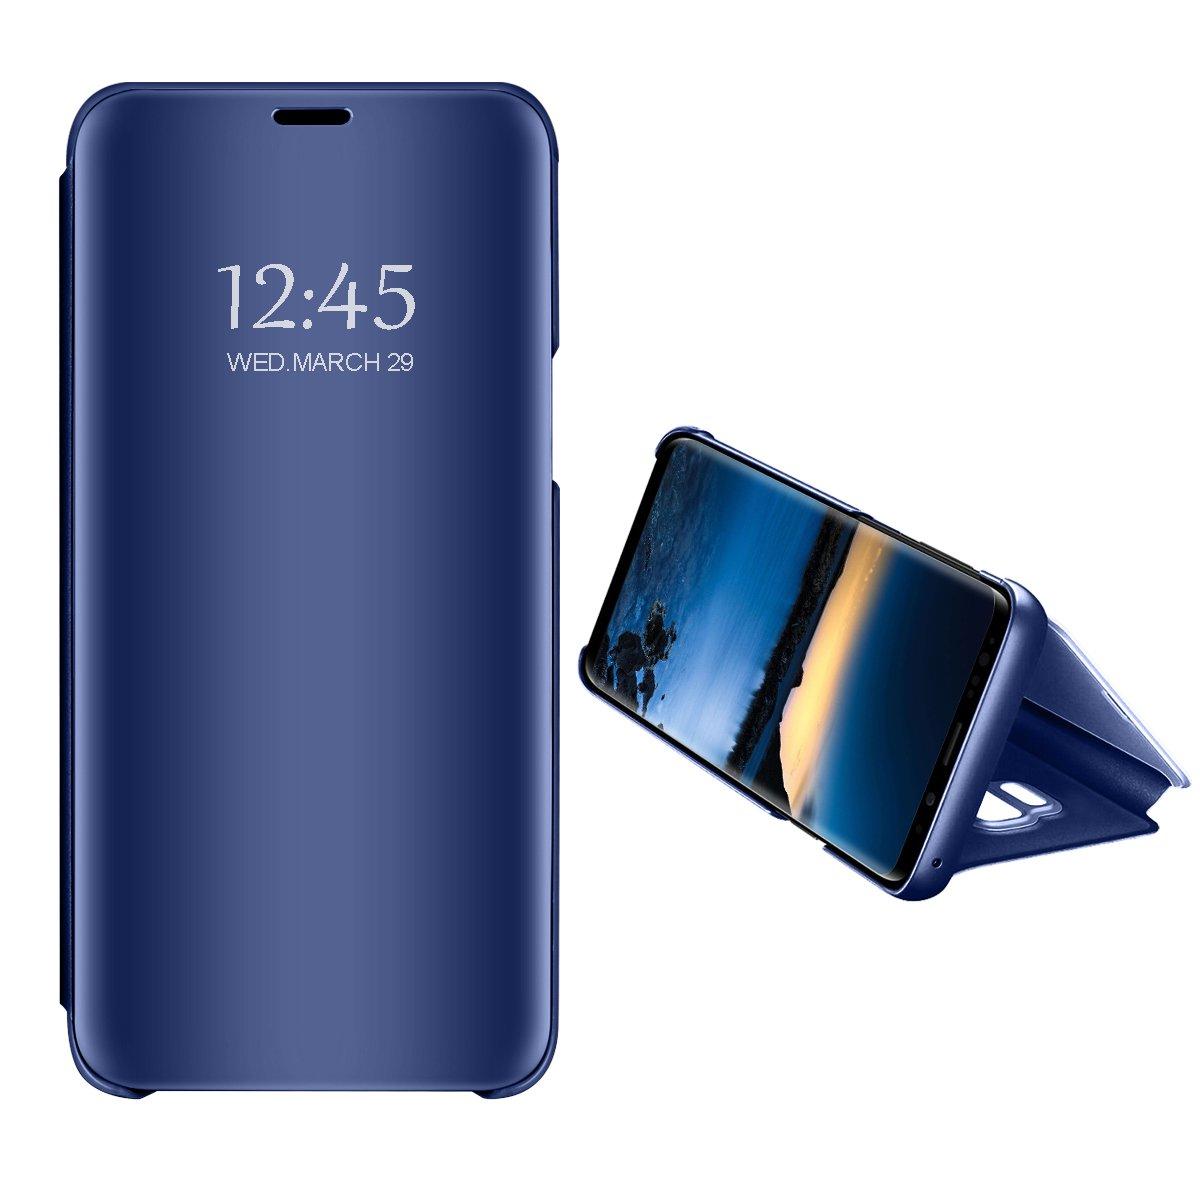 Samsung Galaxy Note 9 Hülle, Handy Schutzhülle für Galaxy Note 9 Spiegel Hülle Flip Case [Ständer] Dünn Clear View PC Plastik Hard Cover für Galaxy Note 8